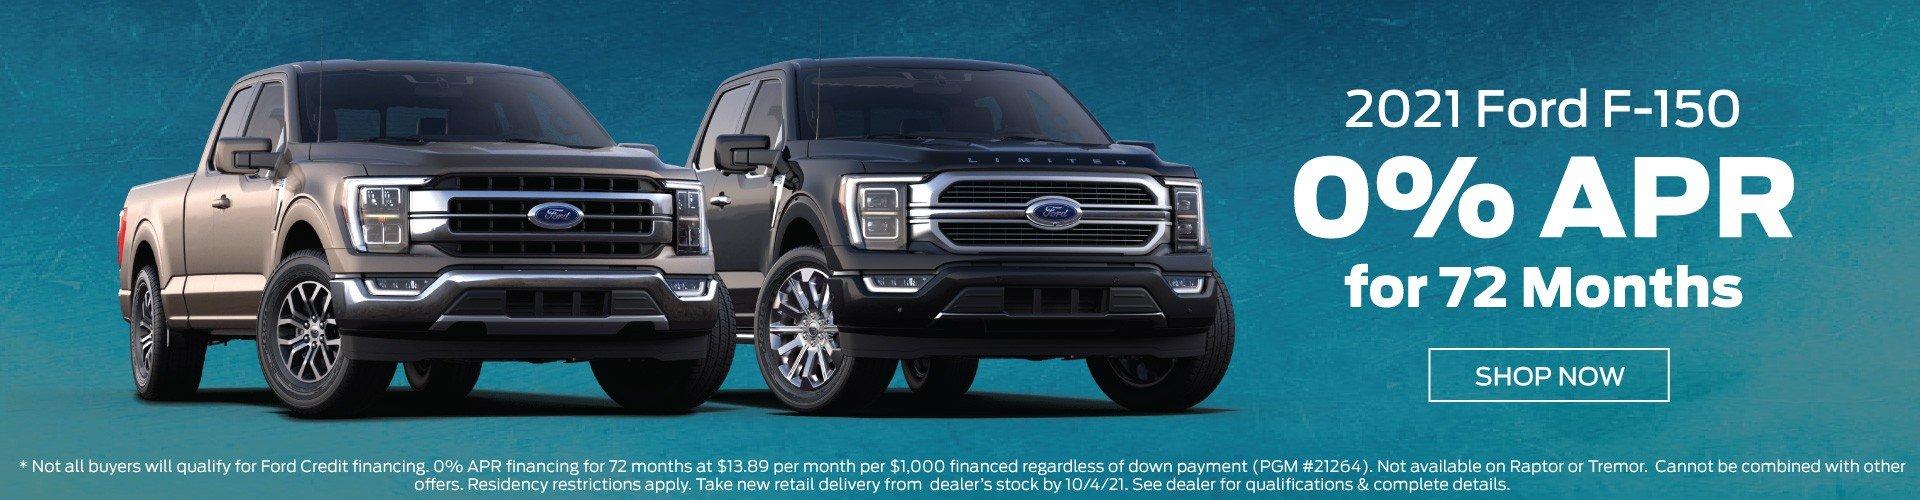 Bozard 2021 Ford F150 Incentive 10-4-2021